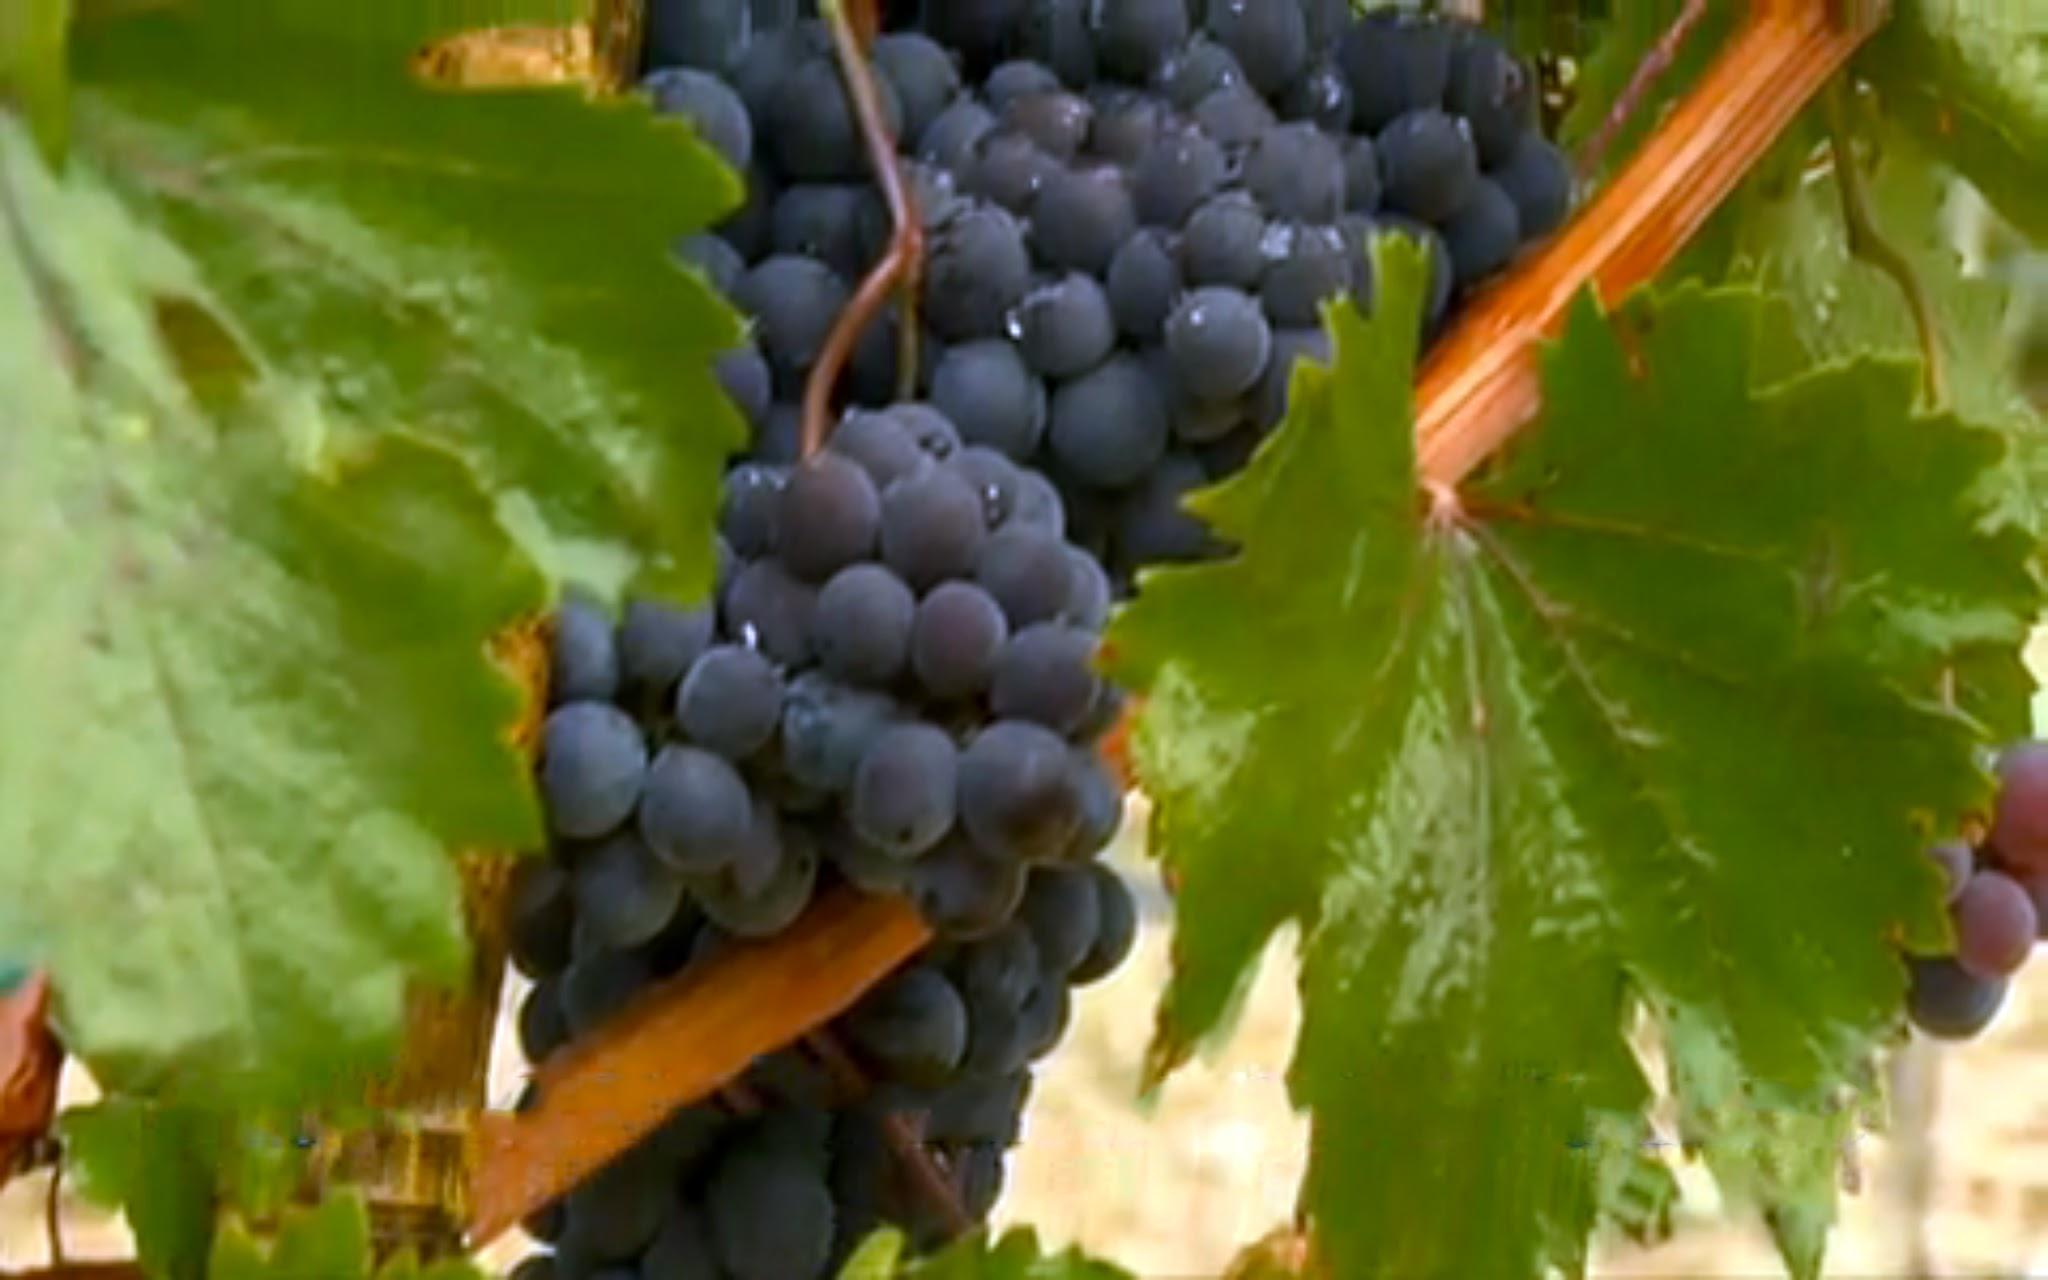 vinedo vid uvas georgia enoturismo turismo vino